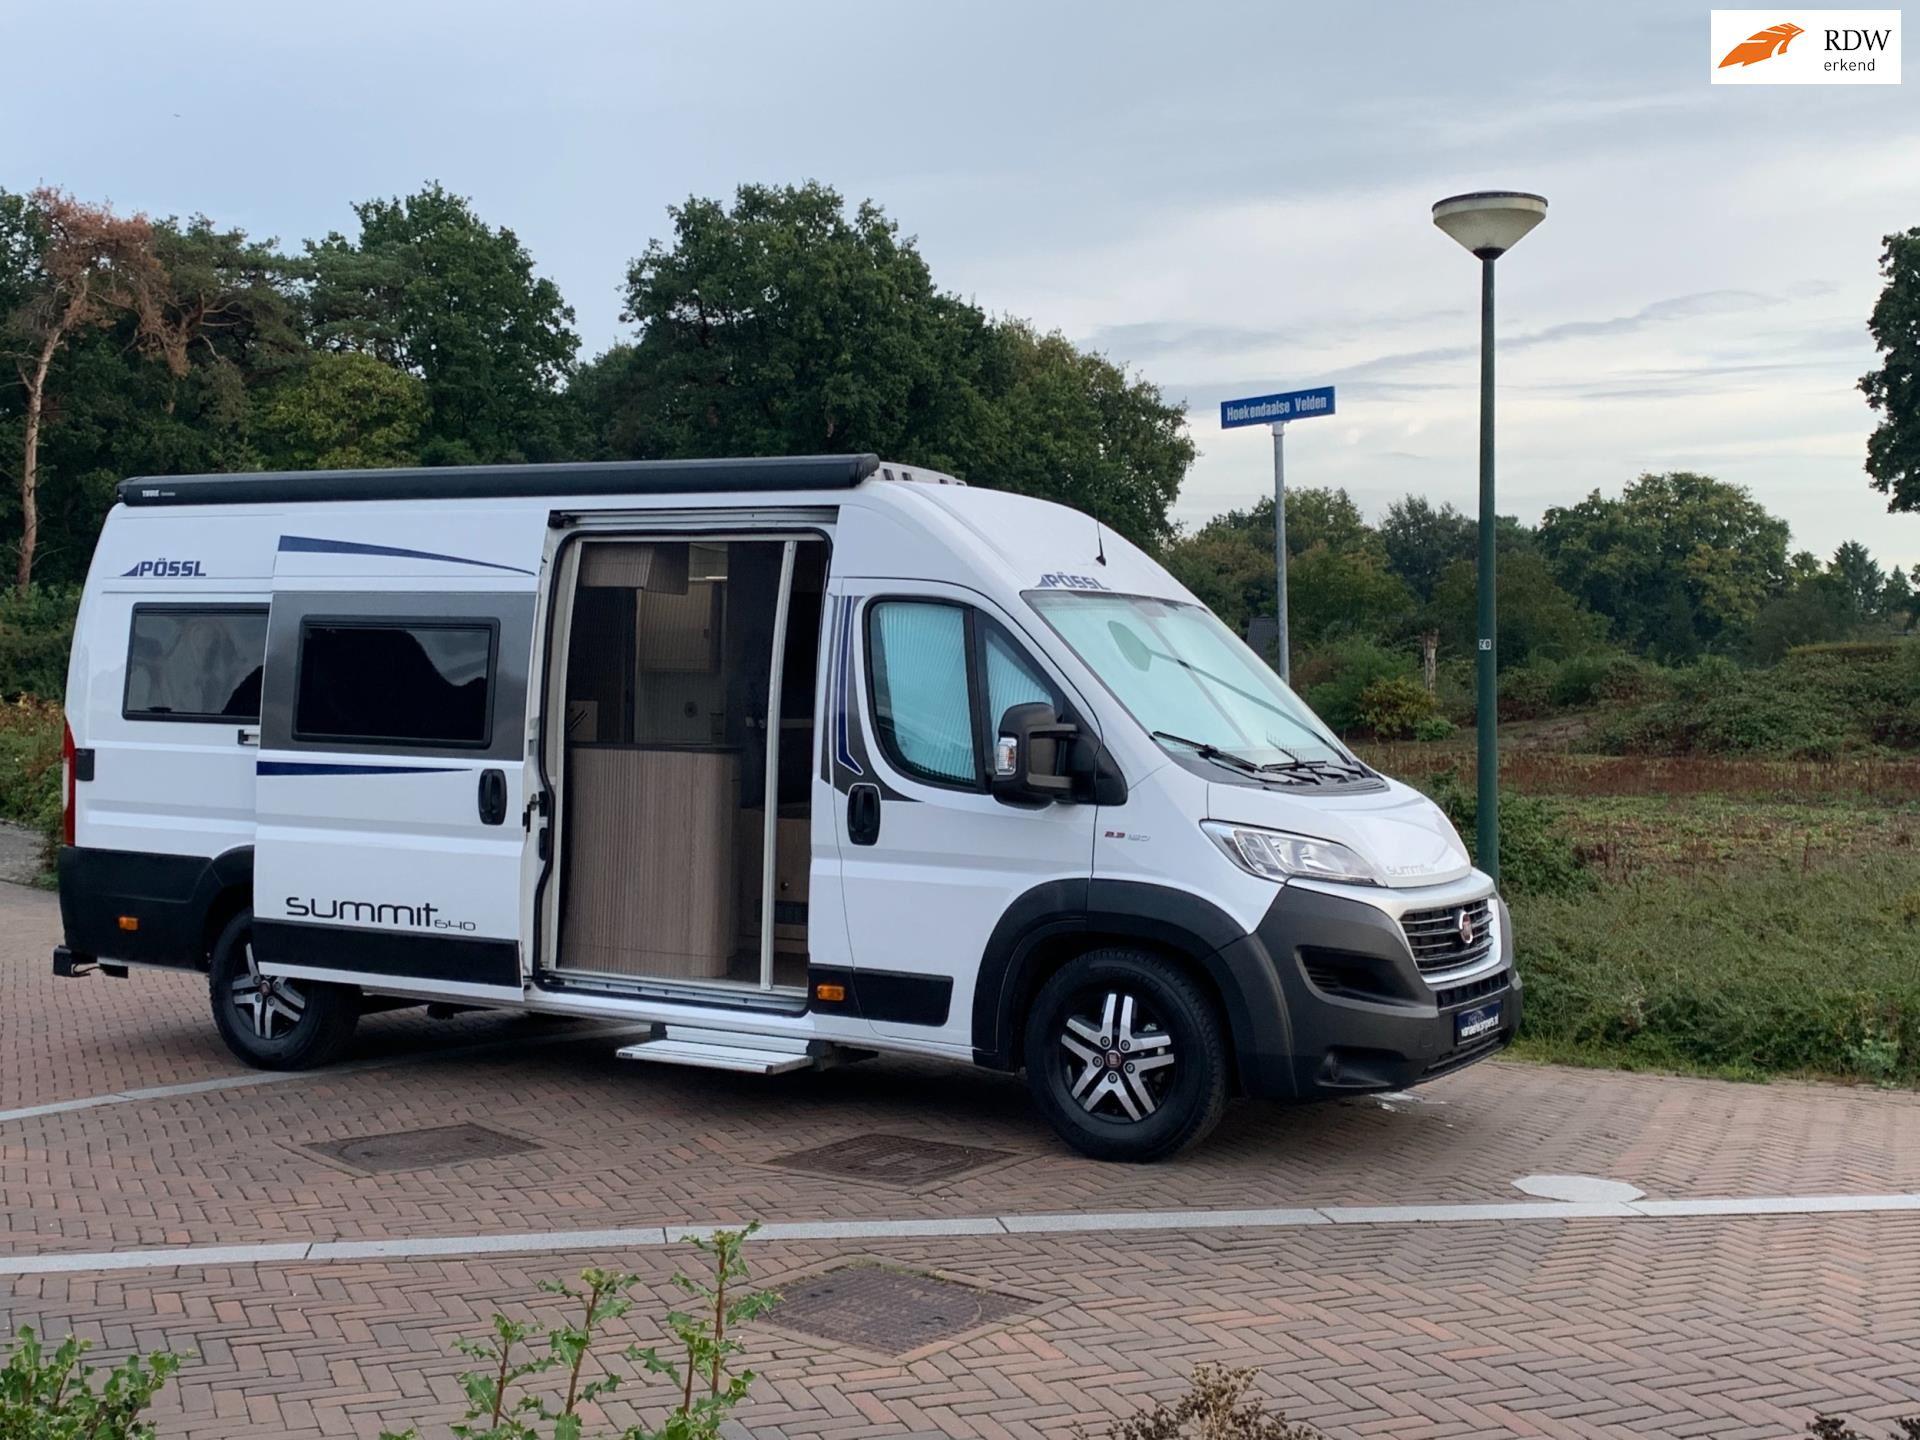 Possl Summit 640-Automaat-Zeer exclusief-1e Eig-11.405 km-Bomvol-Nieuwstaat occasion - Eric van Aerle Auto's